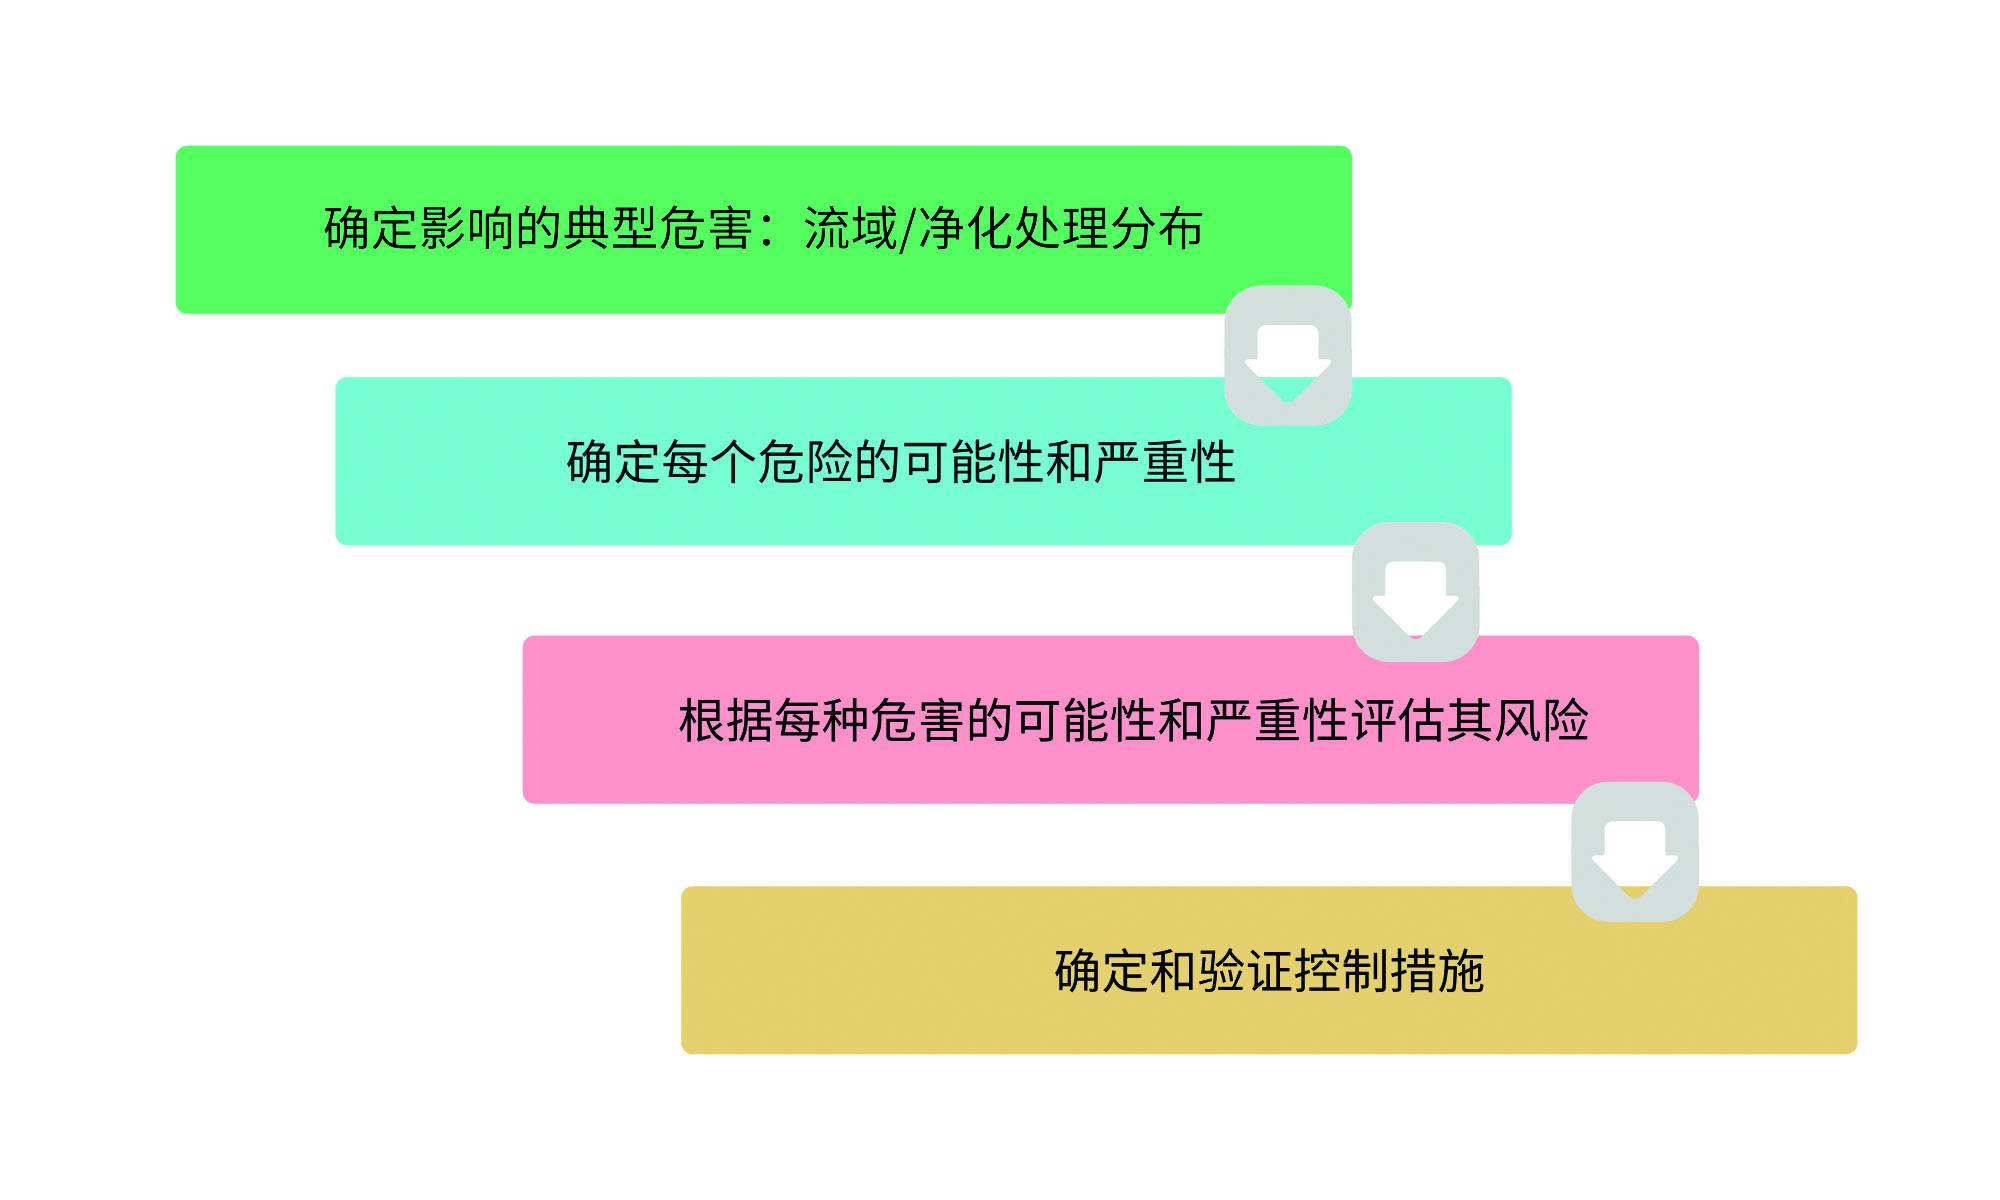 食品工业水质管理的六个步骤